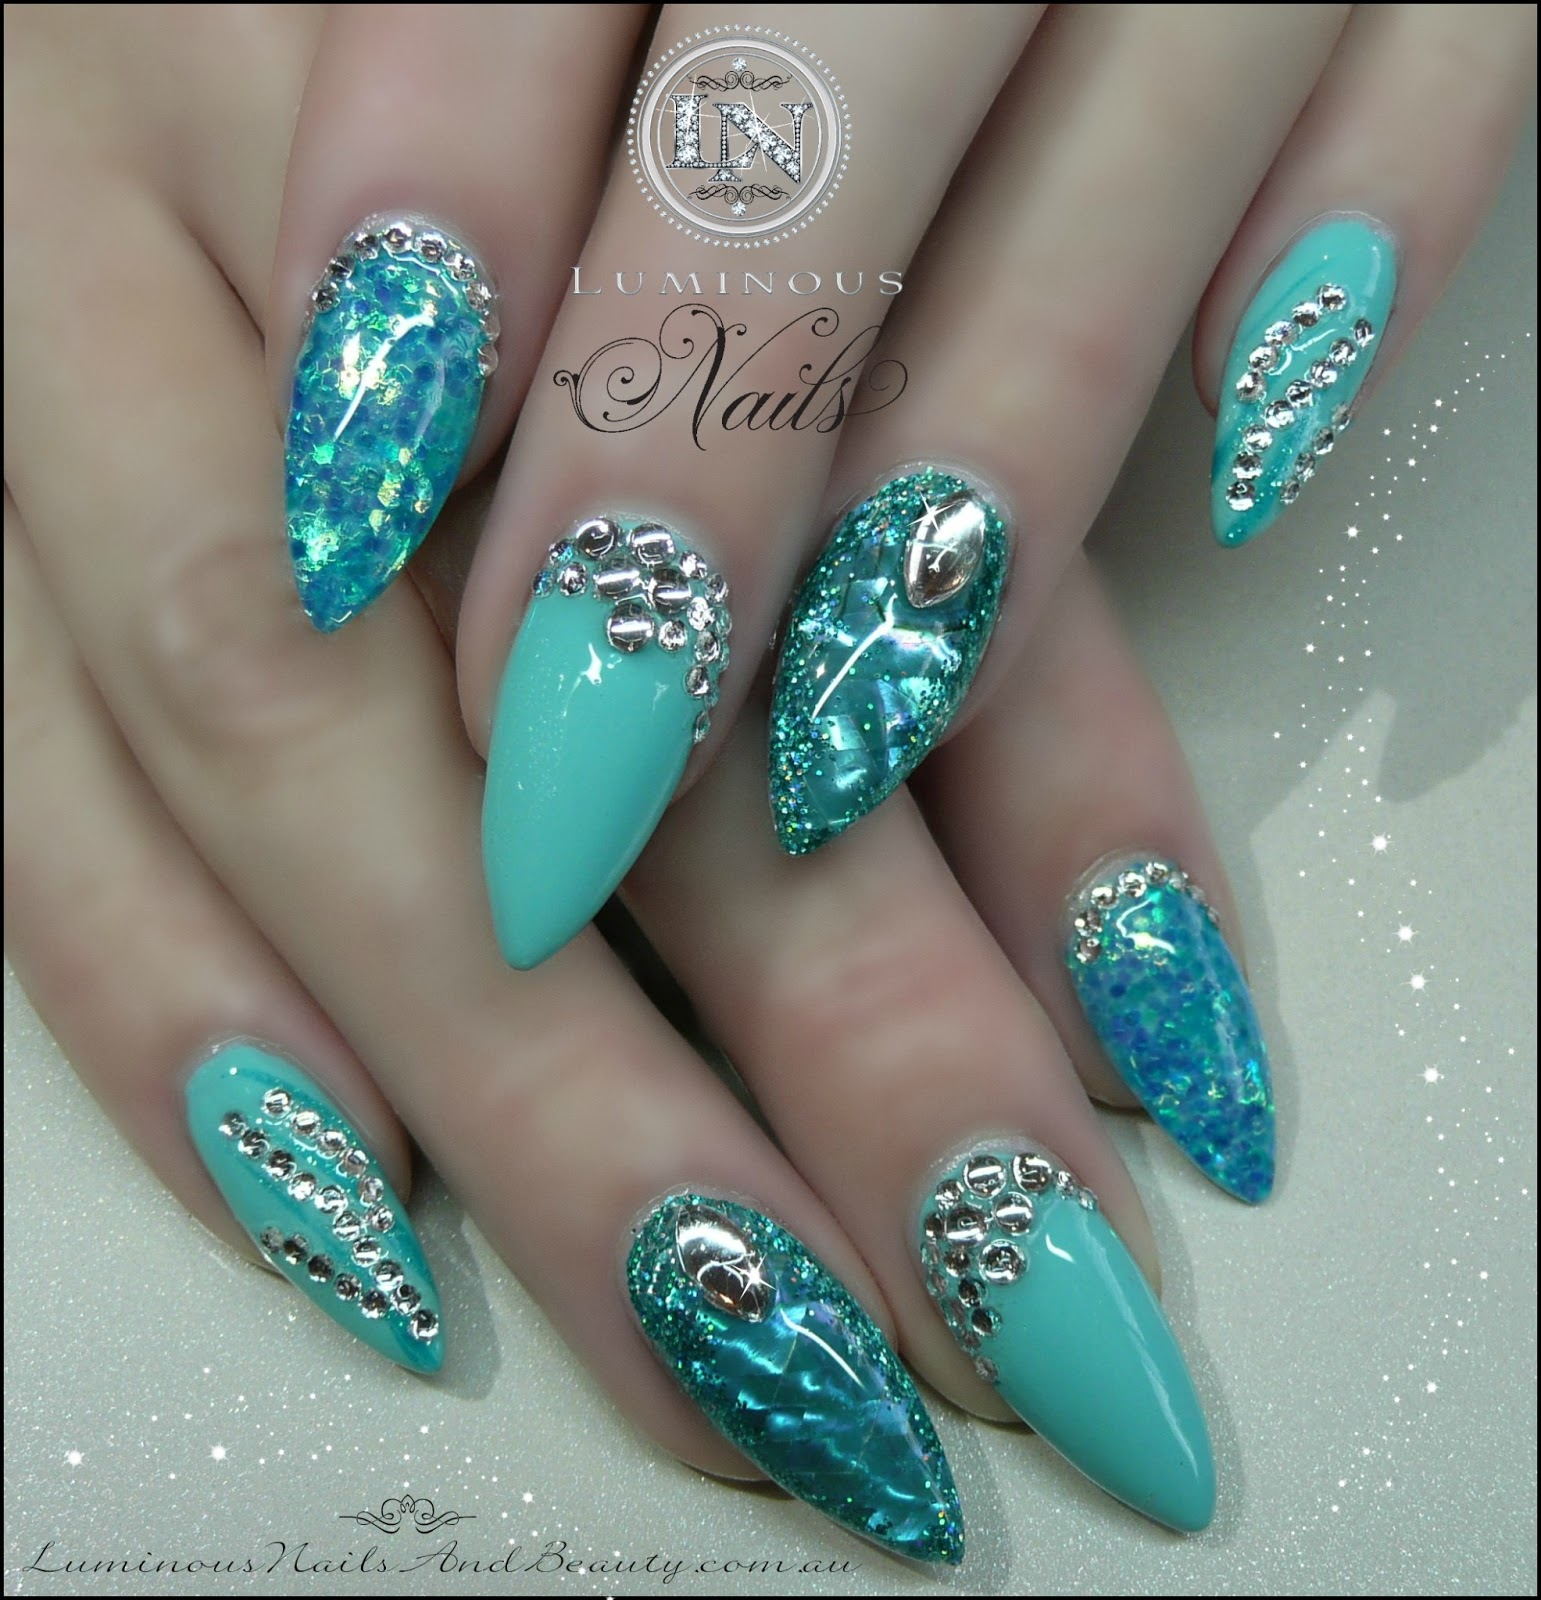 Acrylic Nails: Luminous Nails: June 2013